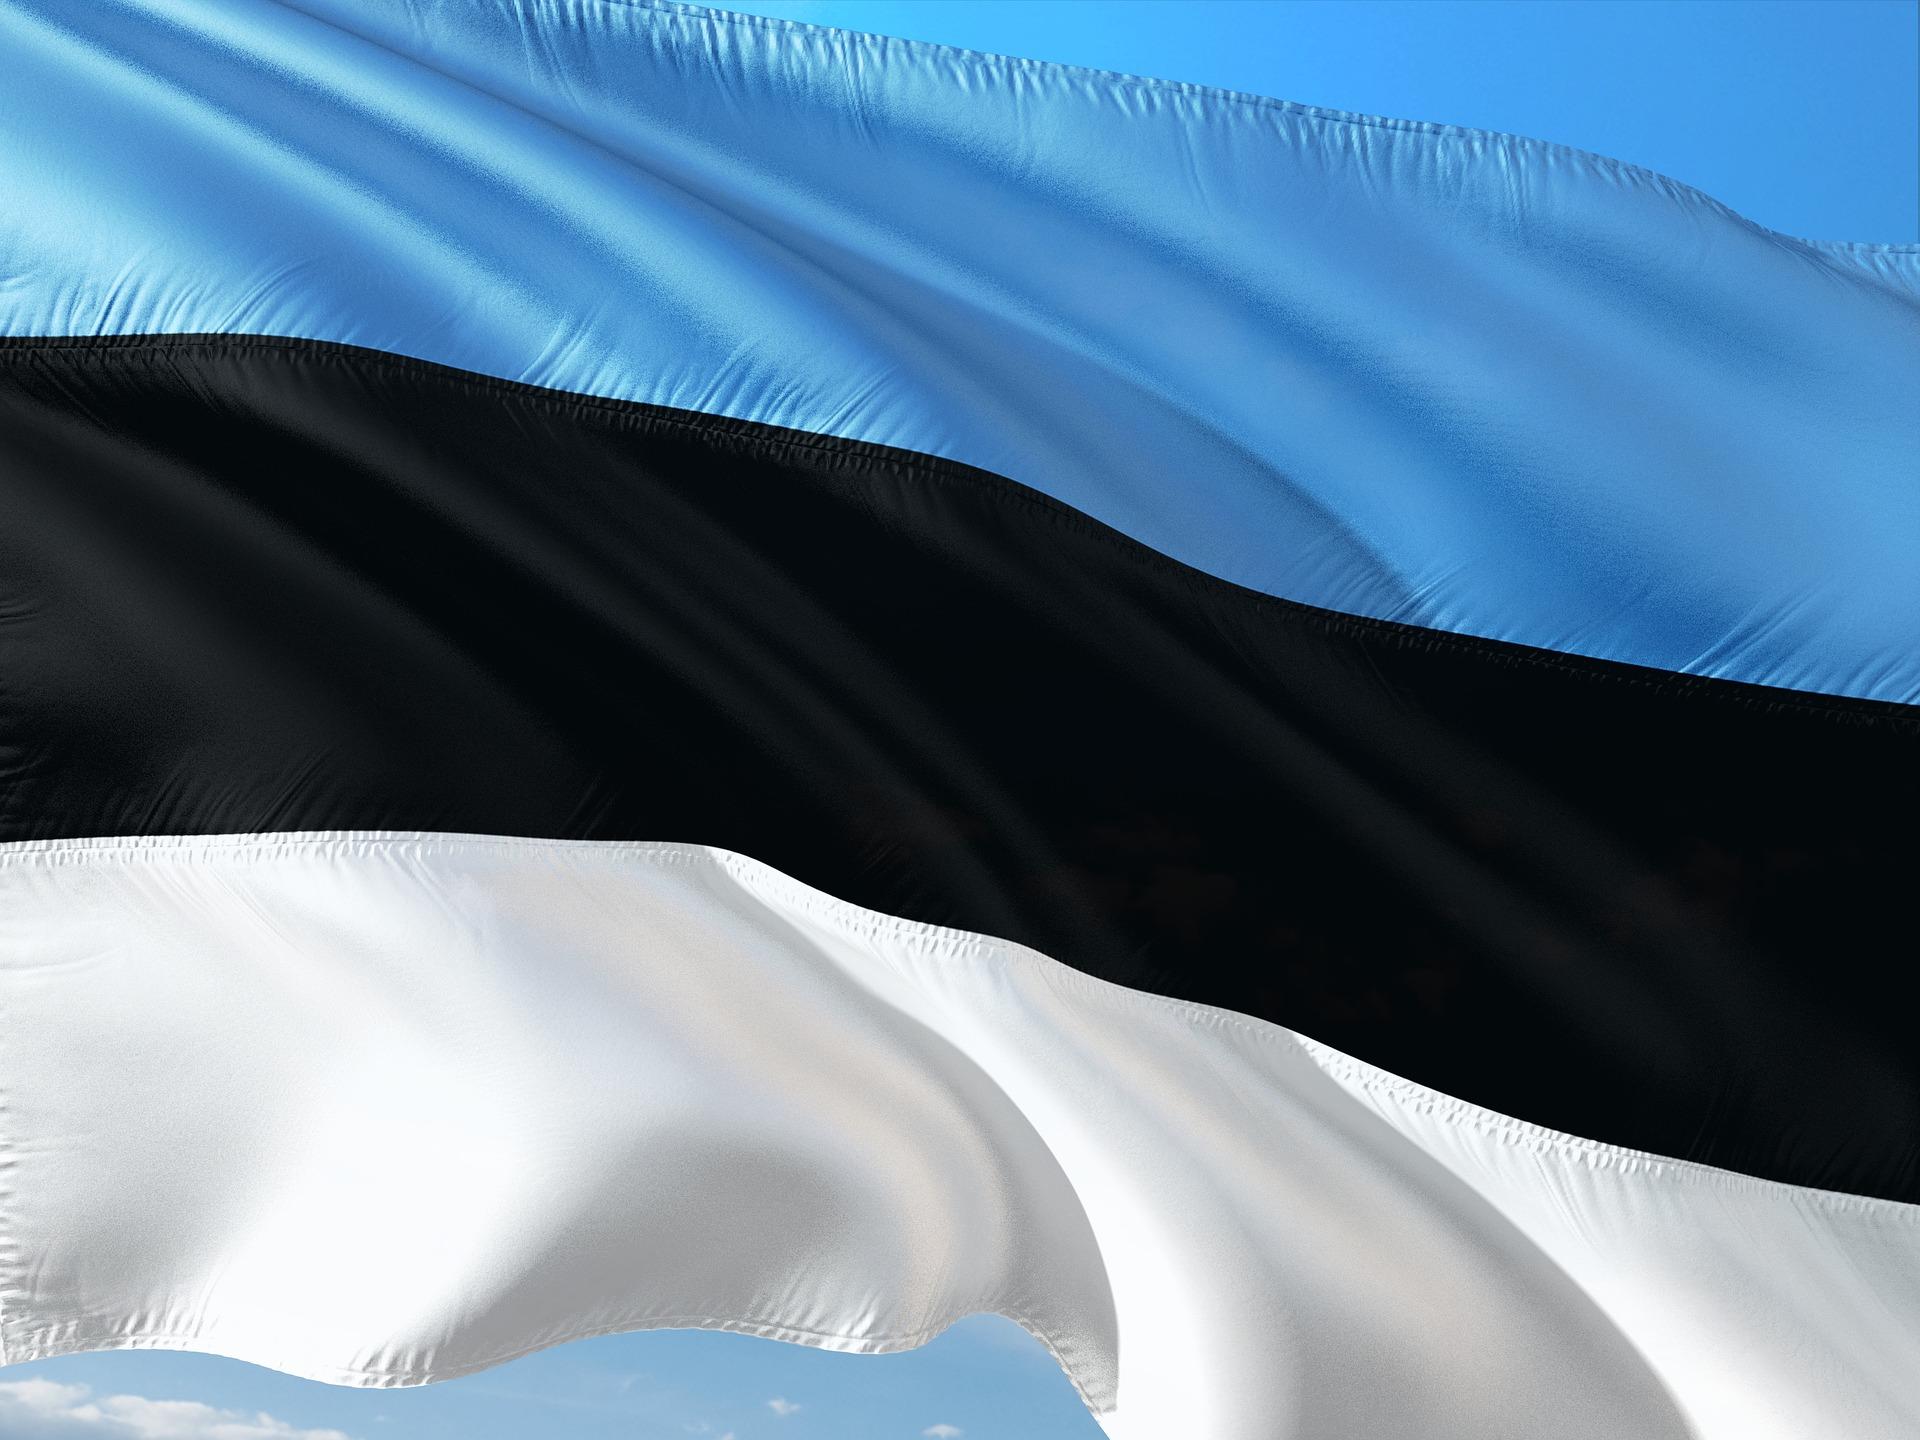 Estonija slavi 100 godina neovisnosti od Ruskog Carstva